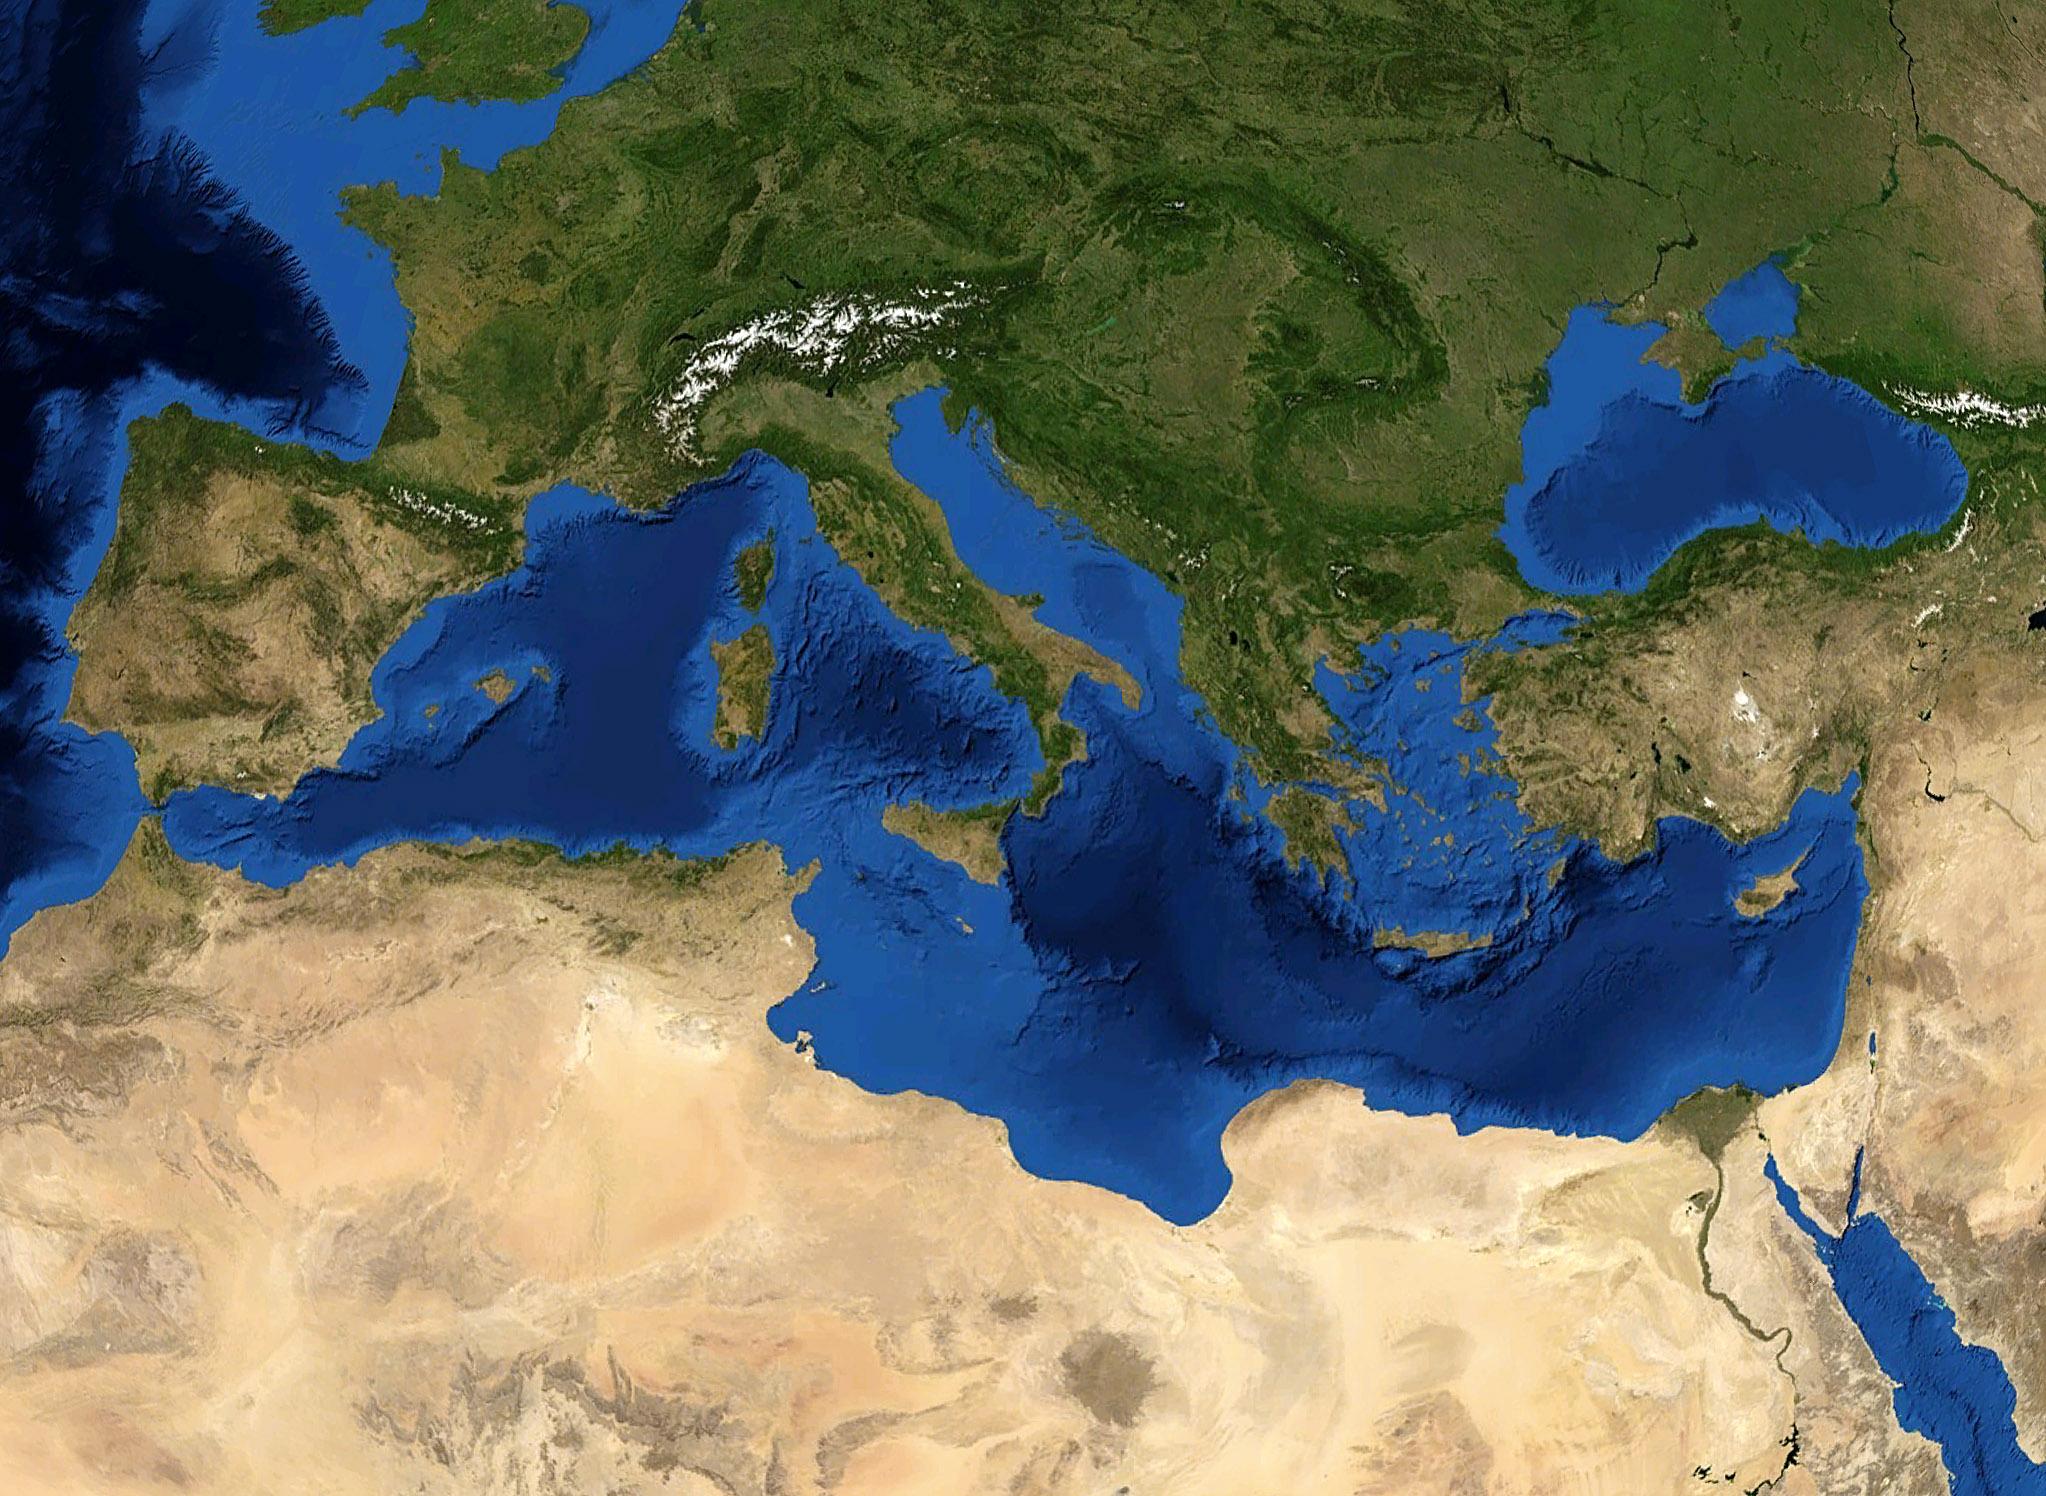 Roma, Città della Pace - Focolai di crisi, Migrazione e Cooperazione nell'Area del Mediterraneo